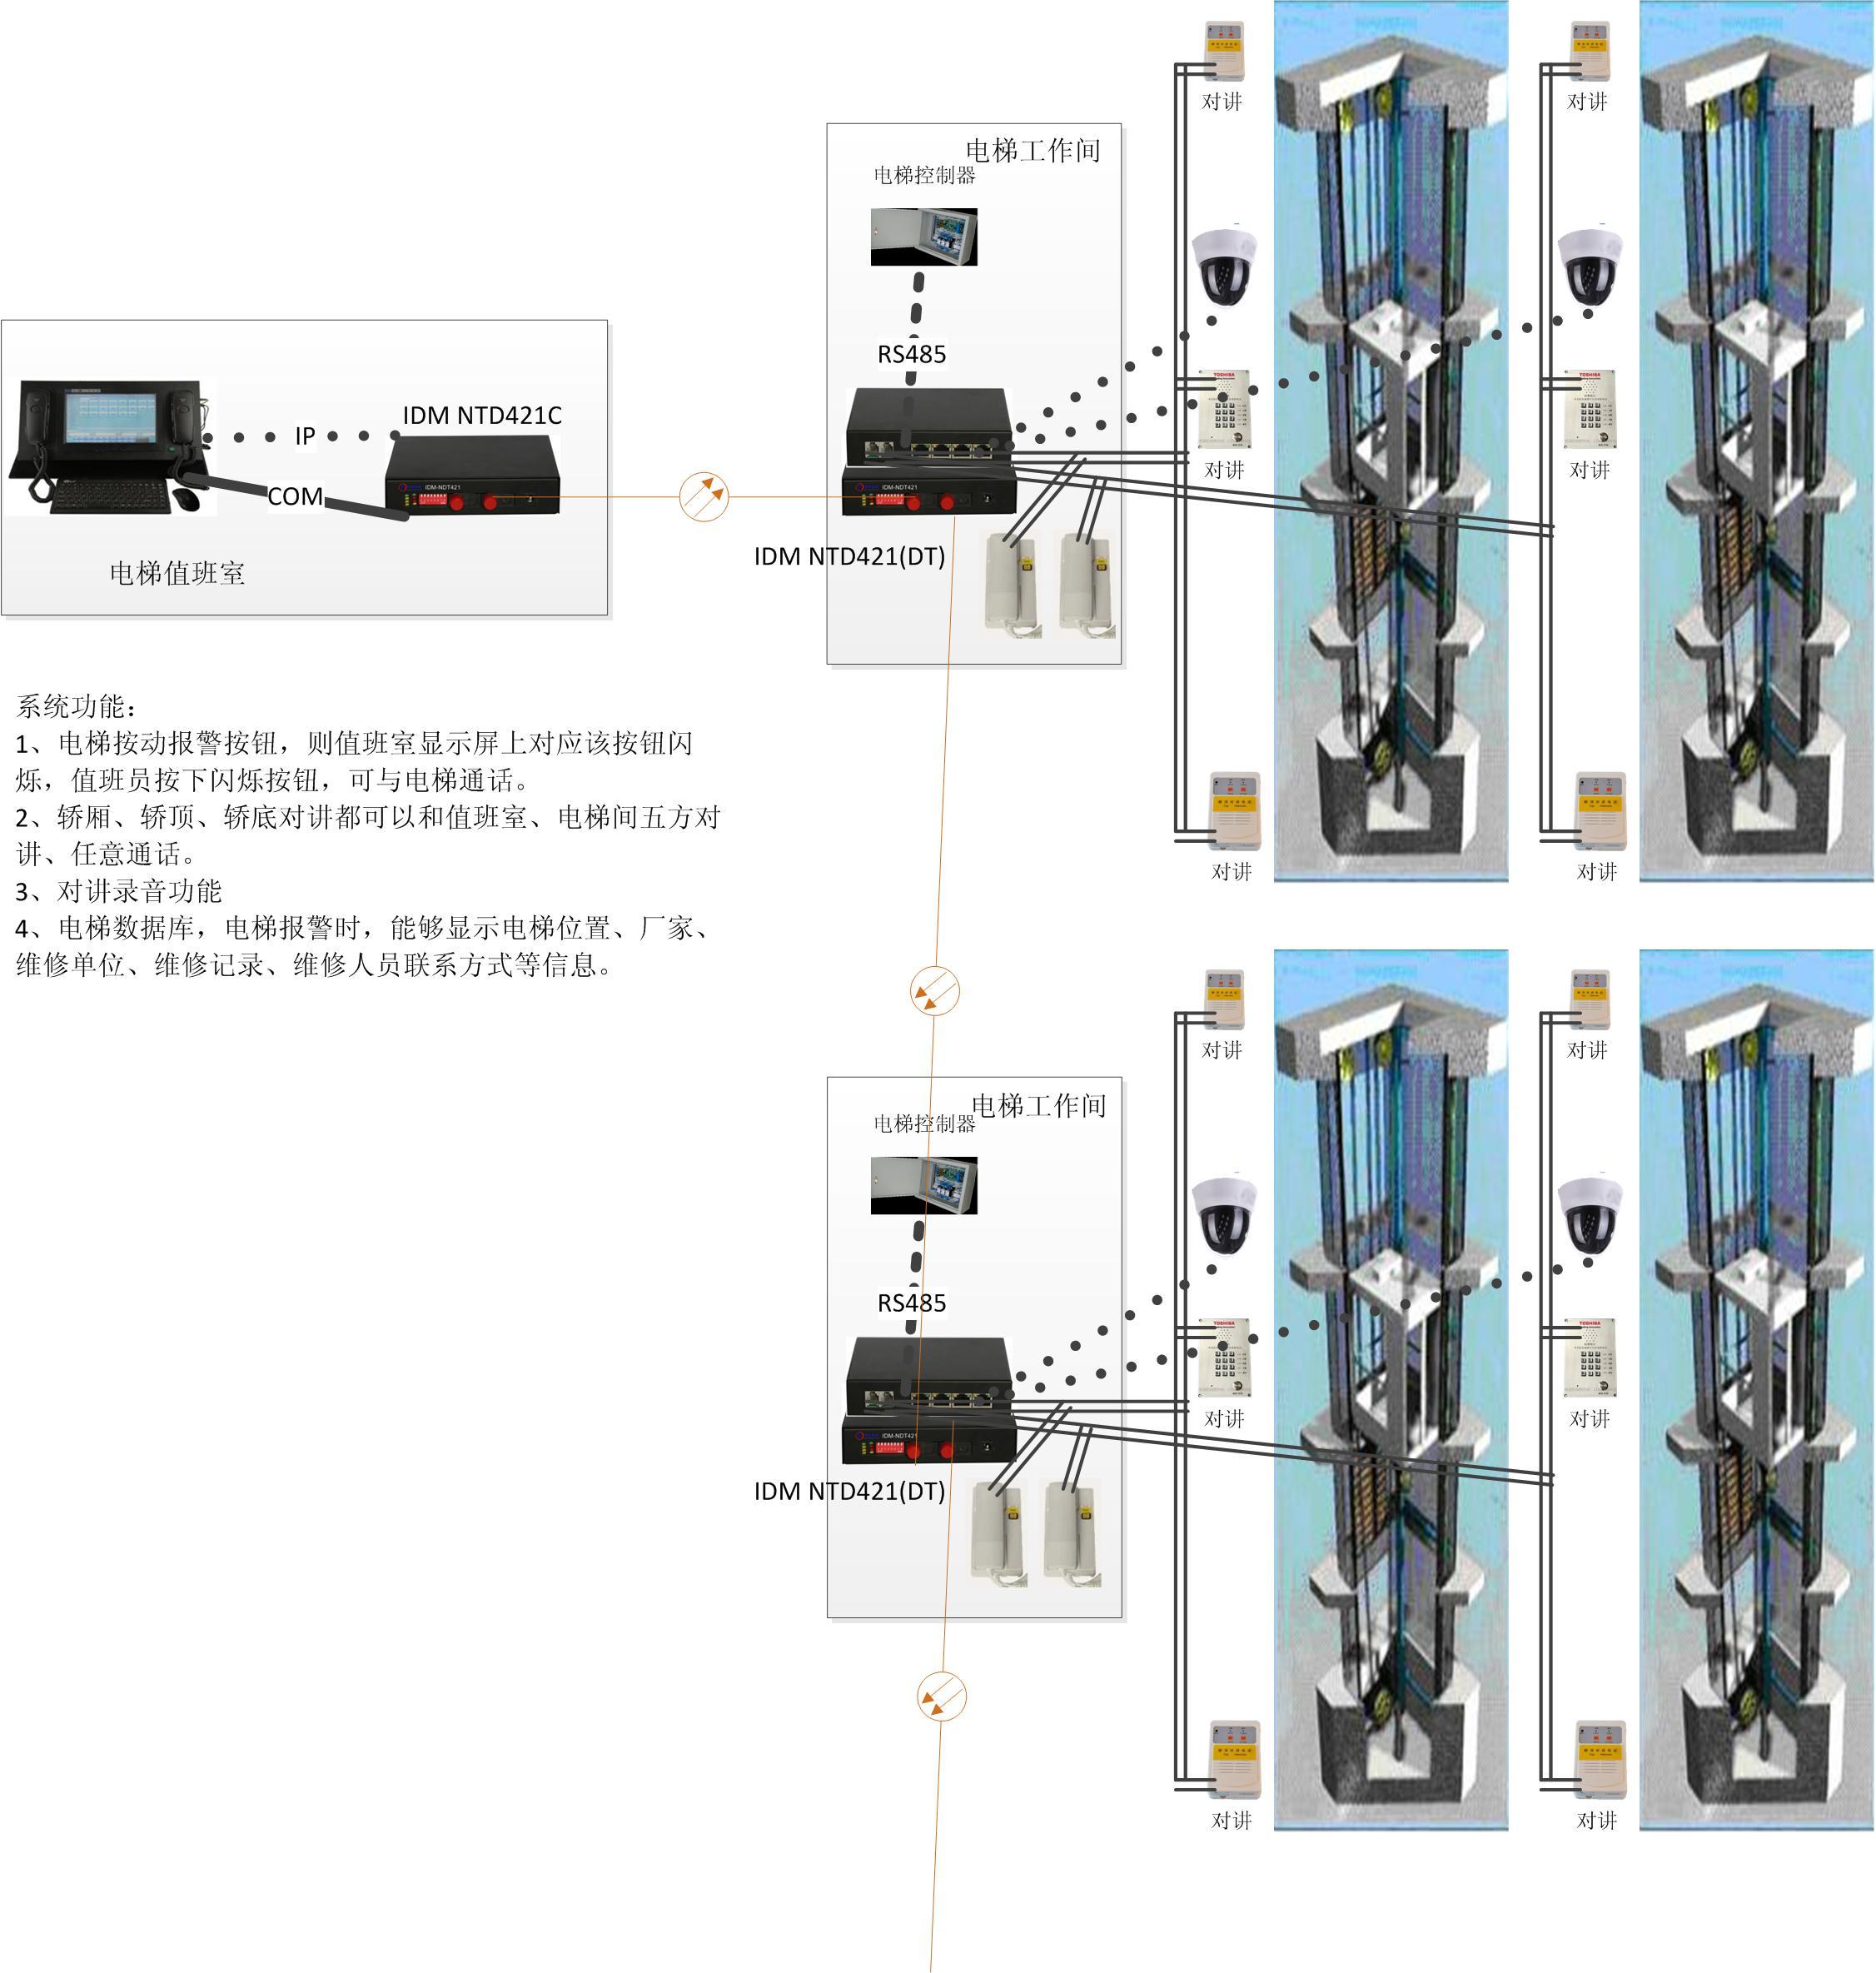 电梯五方对讲电话光端机